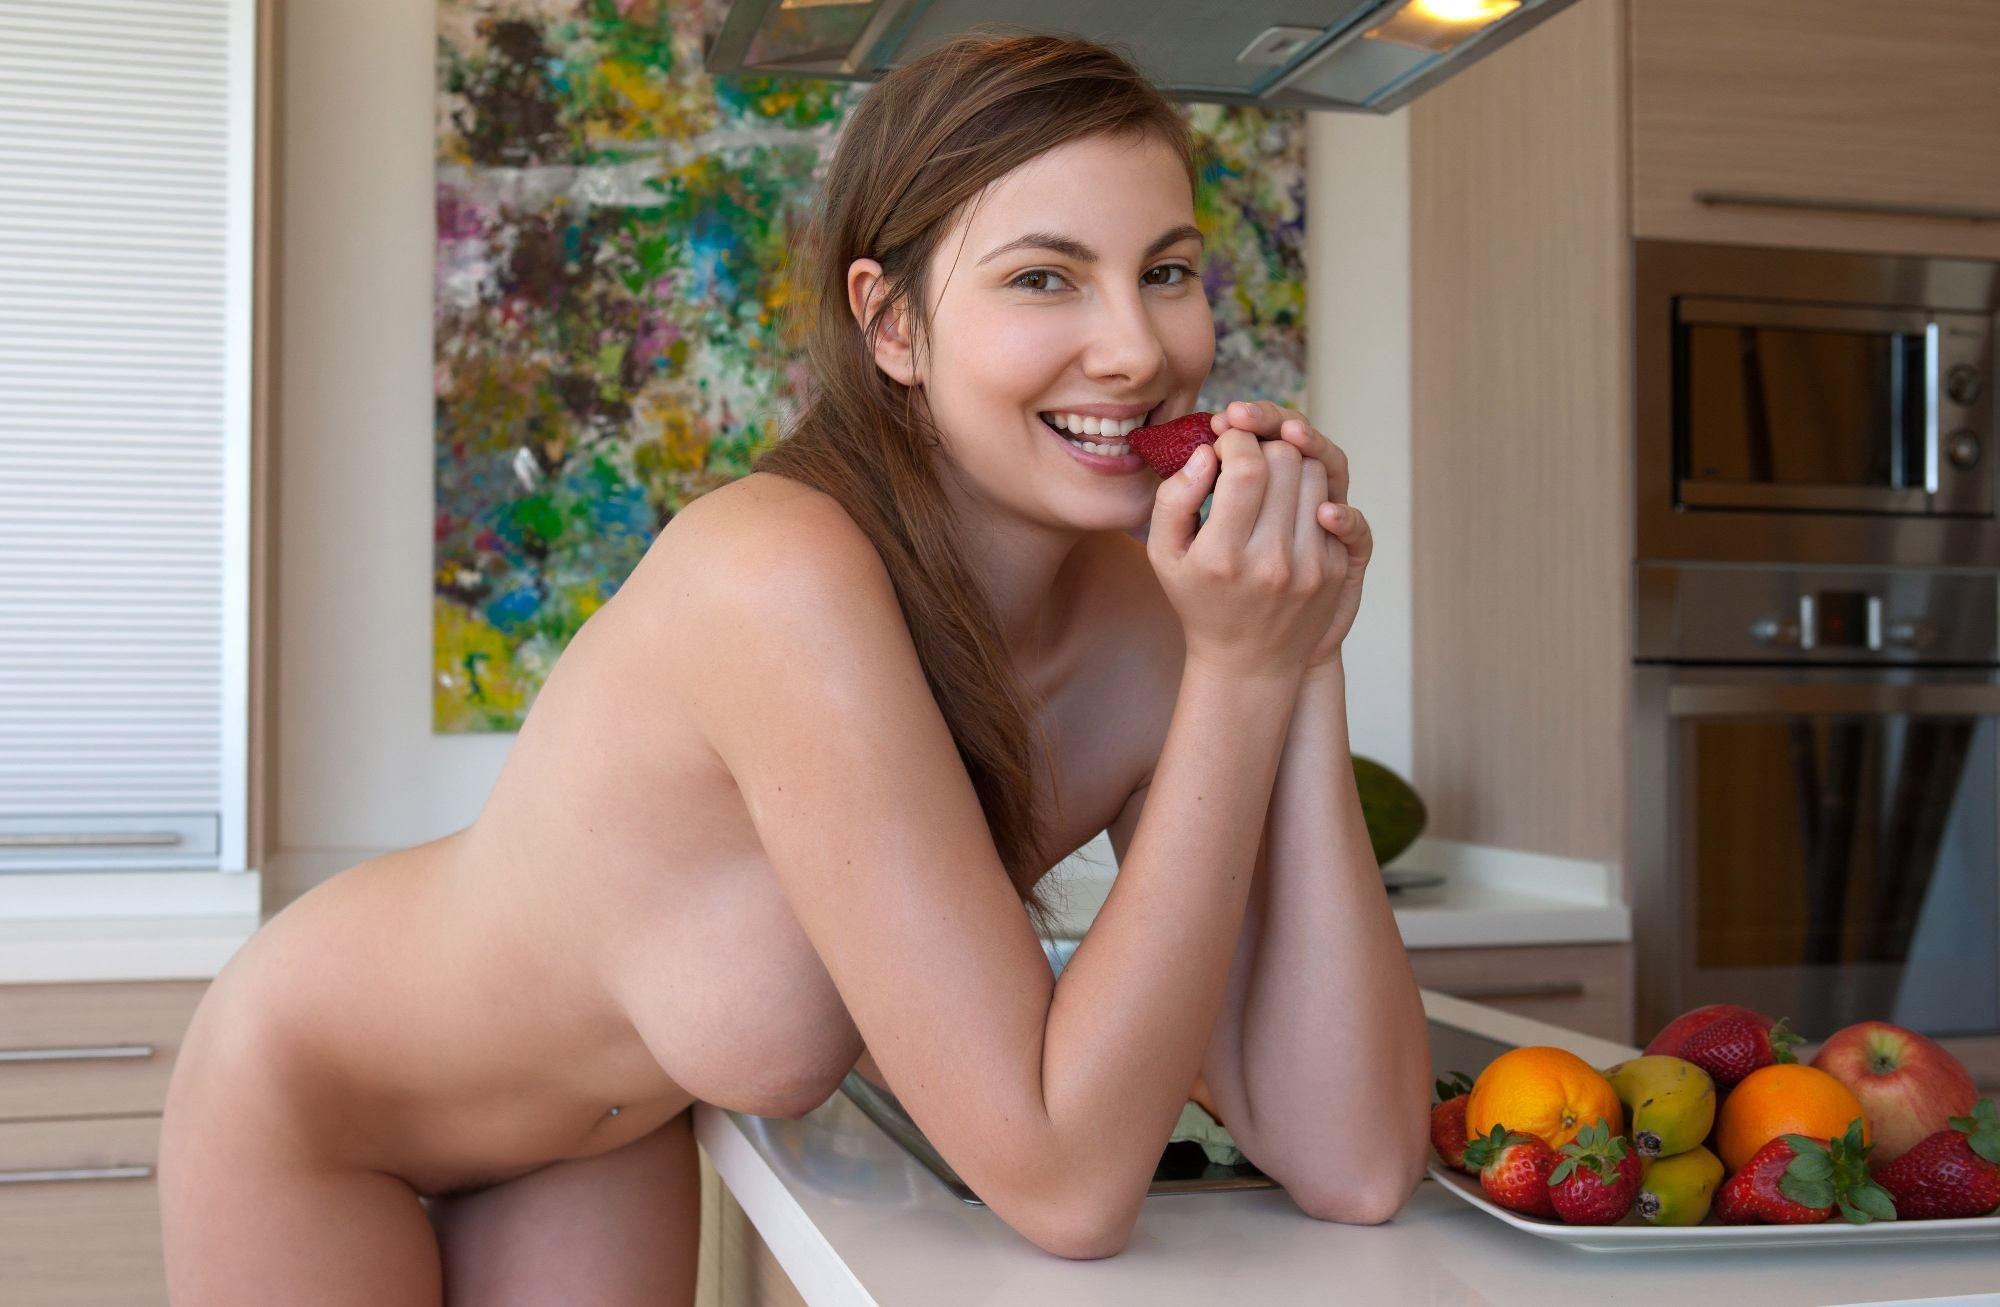 Девушка голая готовит завтрак видео порно